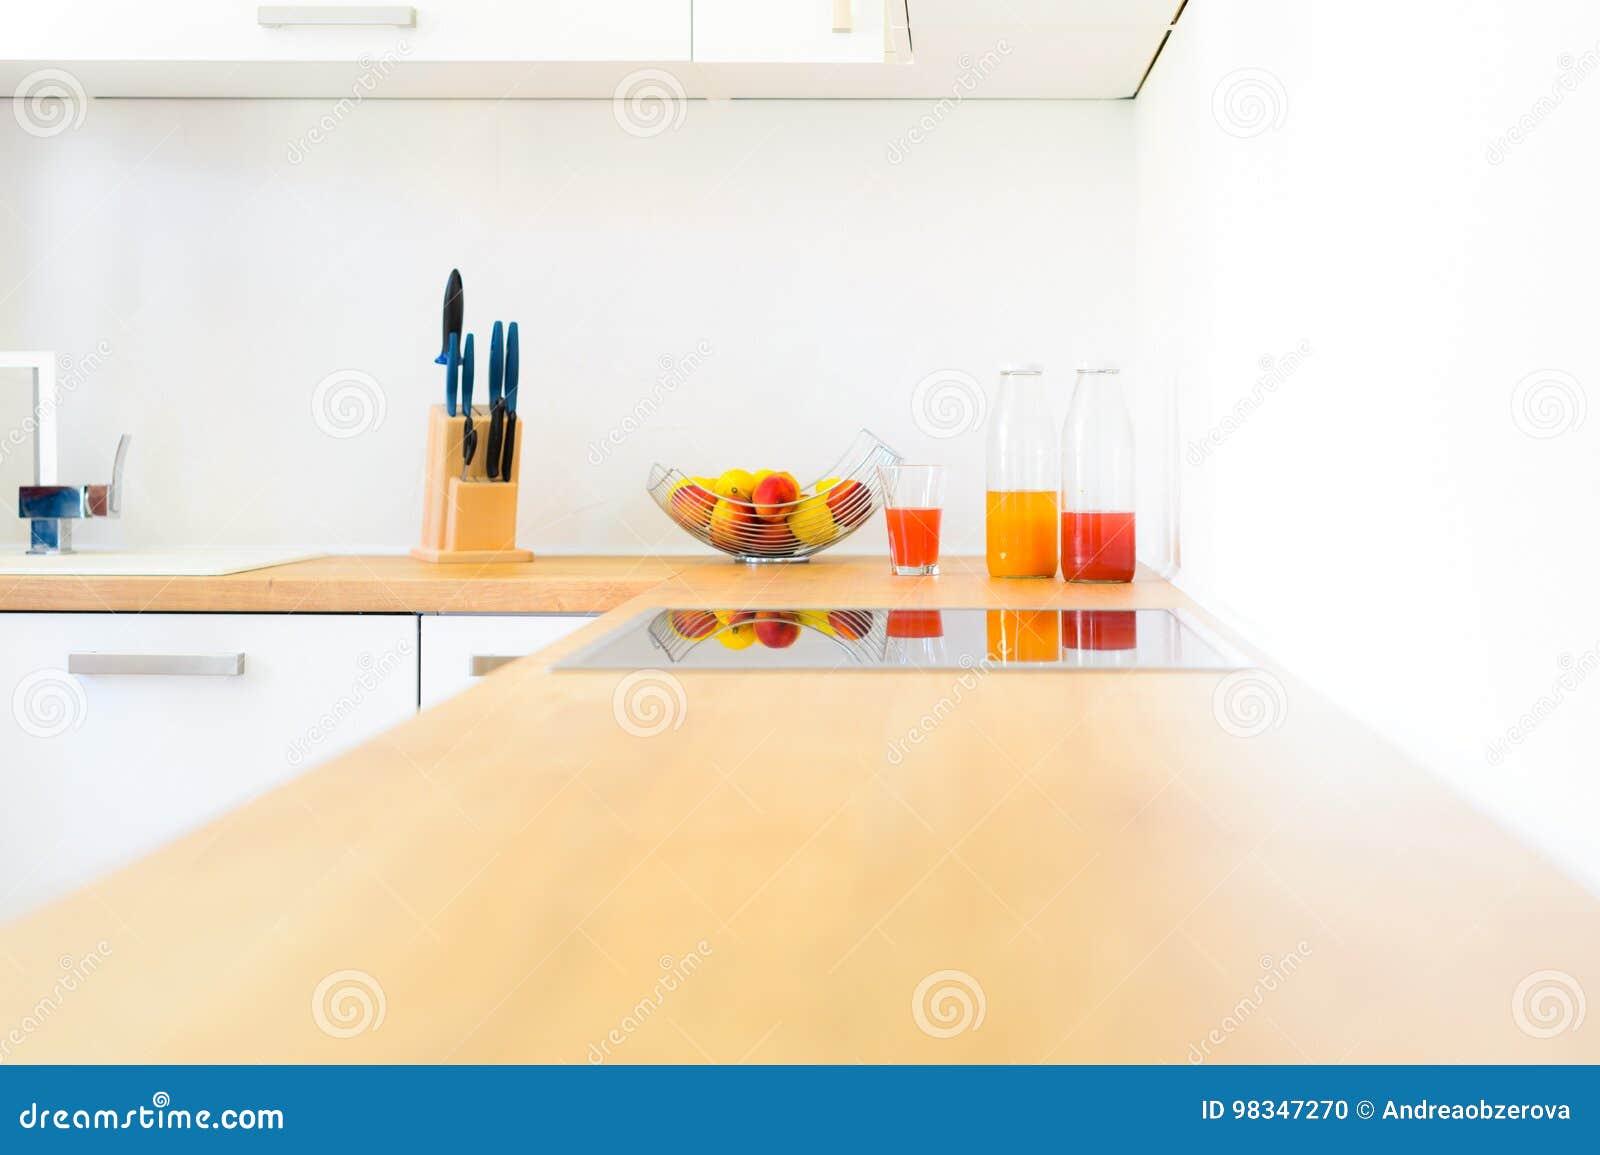 Moderne Küchenarbeitsplatte Mit Induktionskochfeld, Frischer Frucht ...